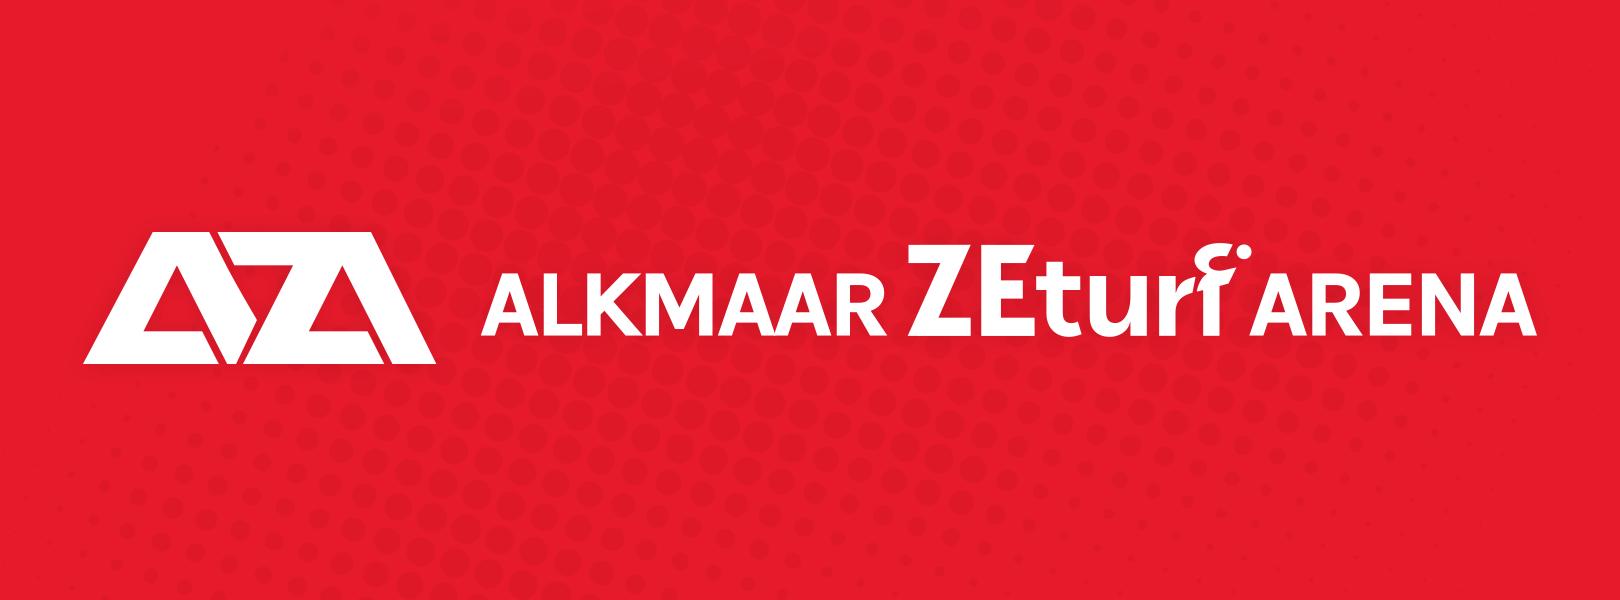 Programma Alkmaar zondag 1 maart 2020